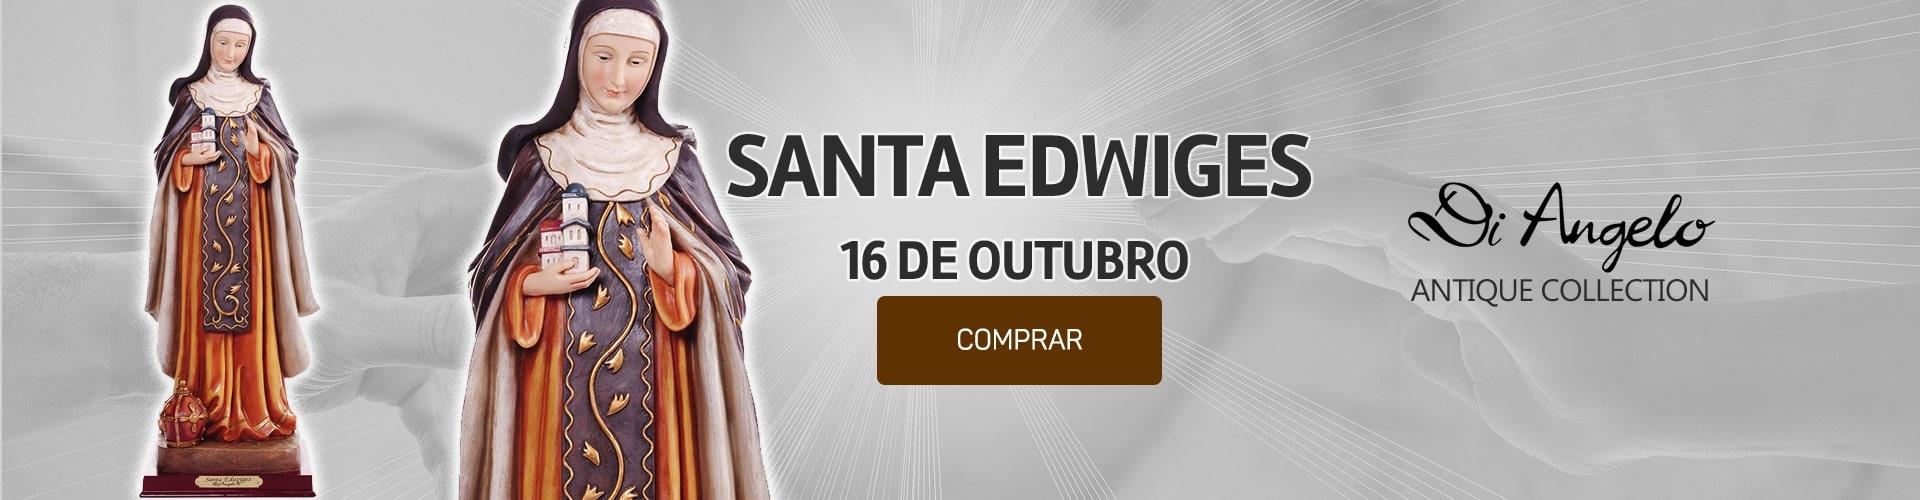 16 de Outubro Santa Edwiges